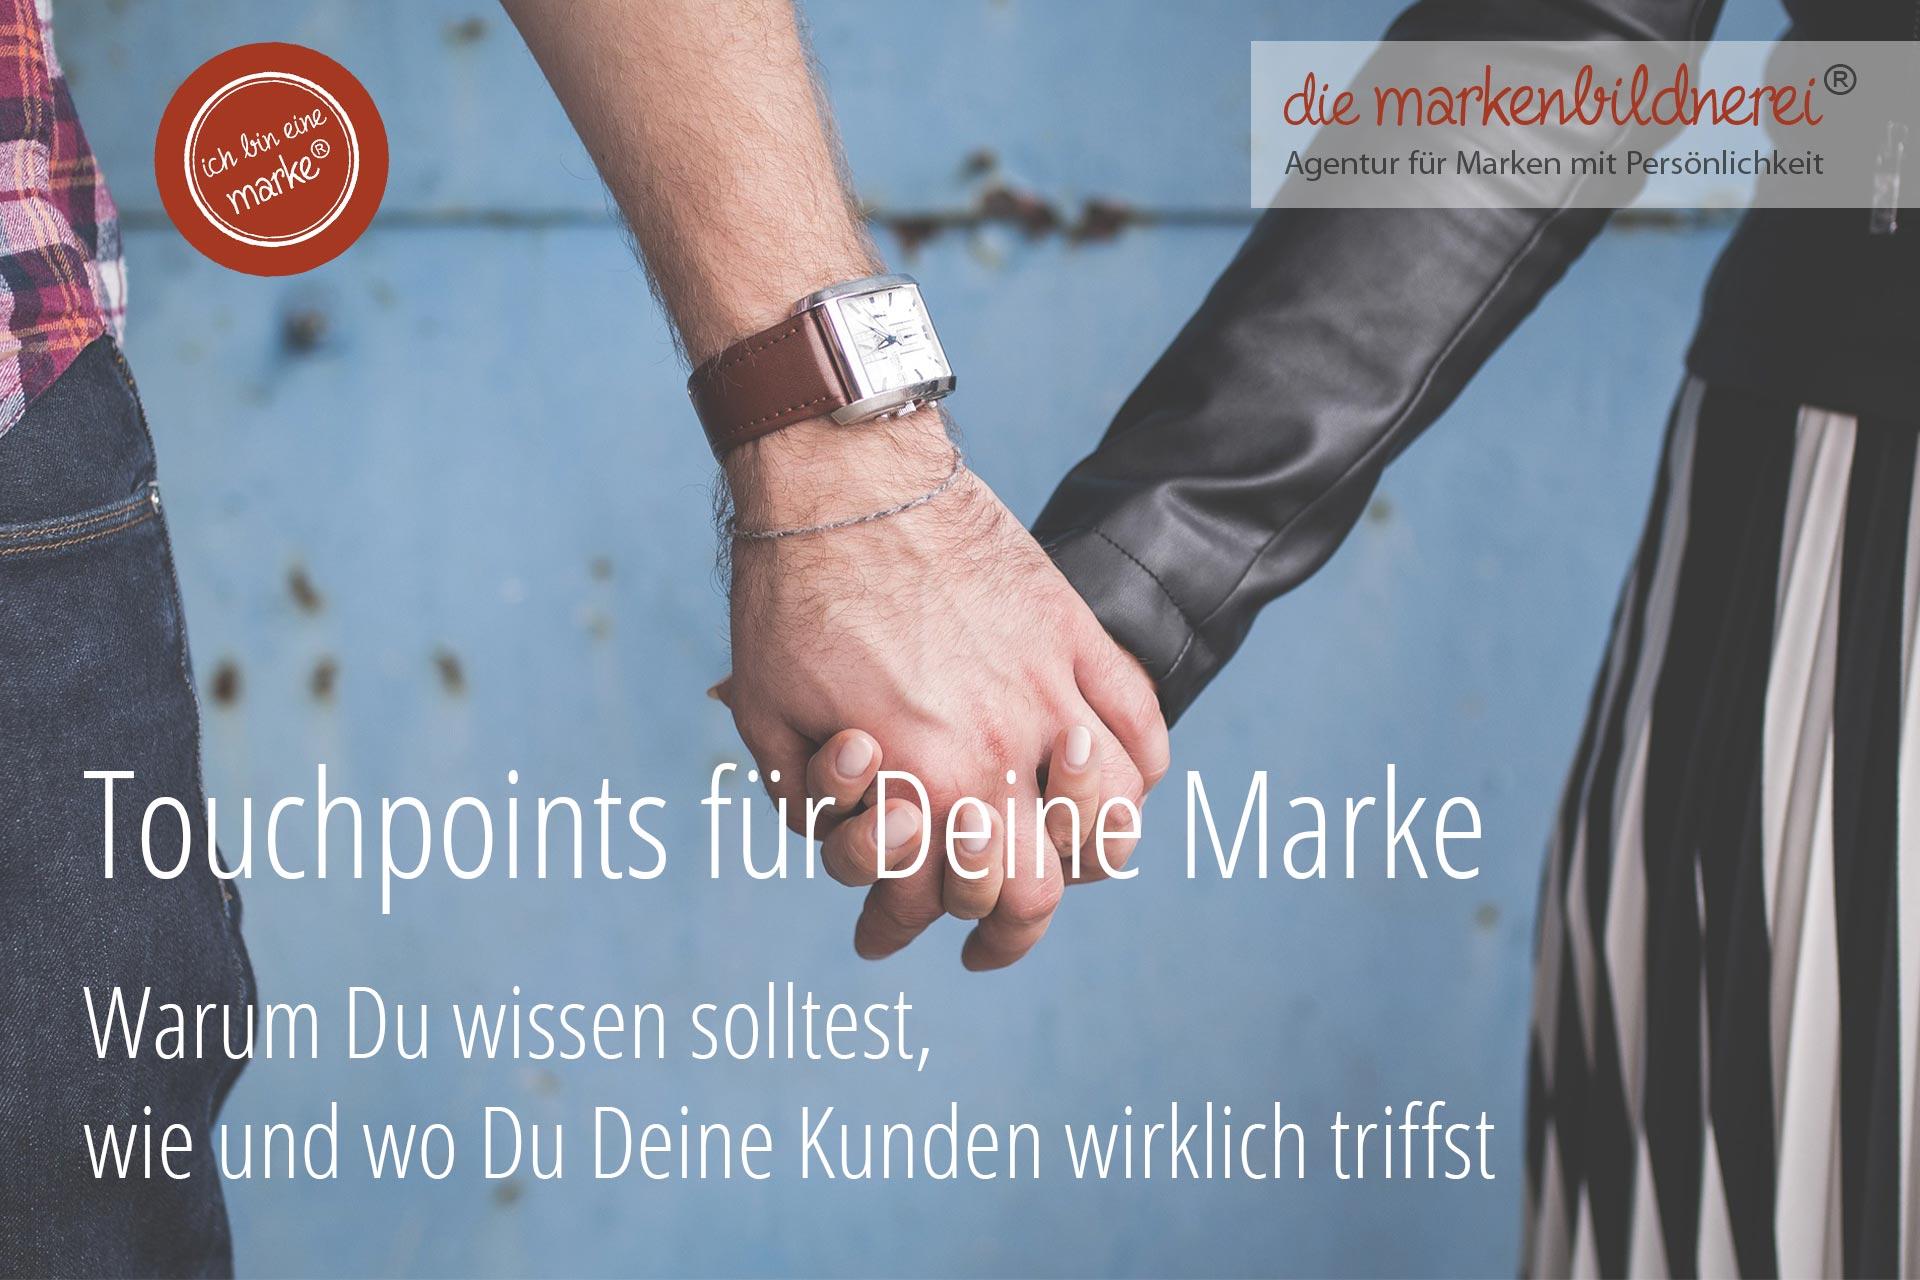 Touchpoints für Deine Marke